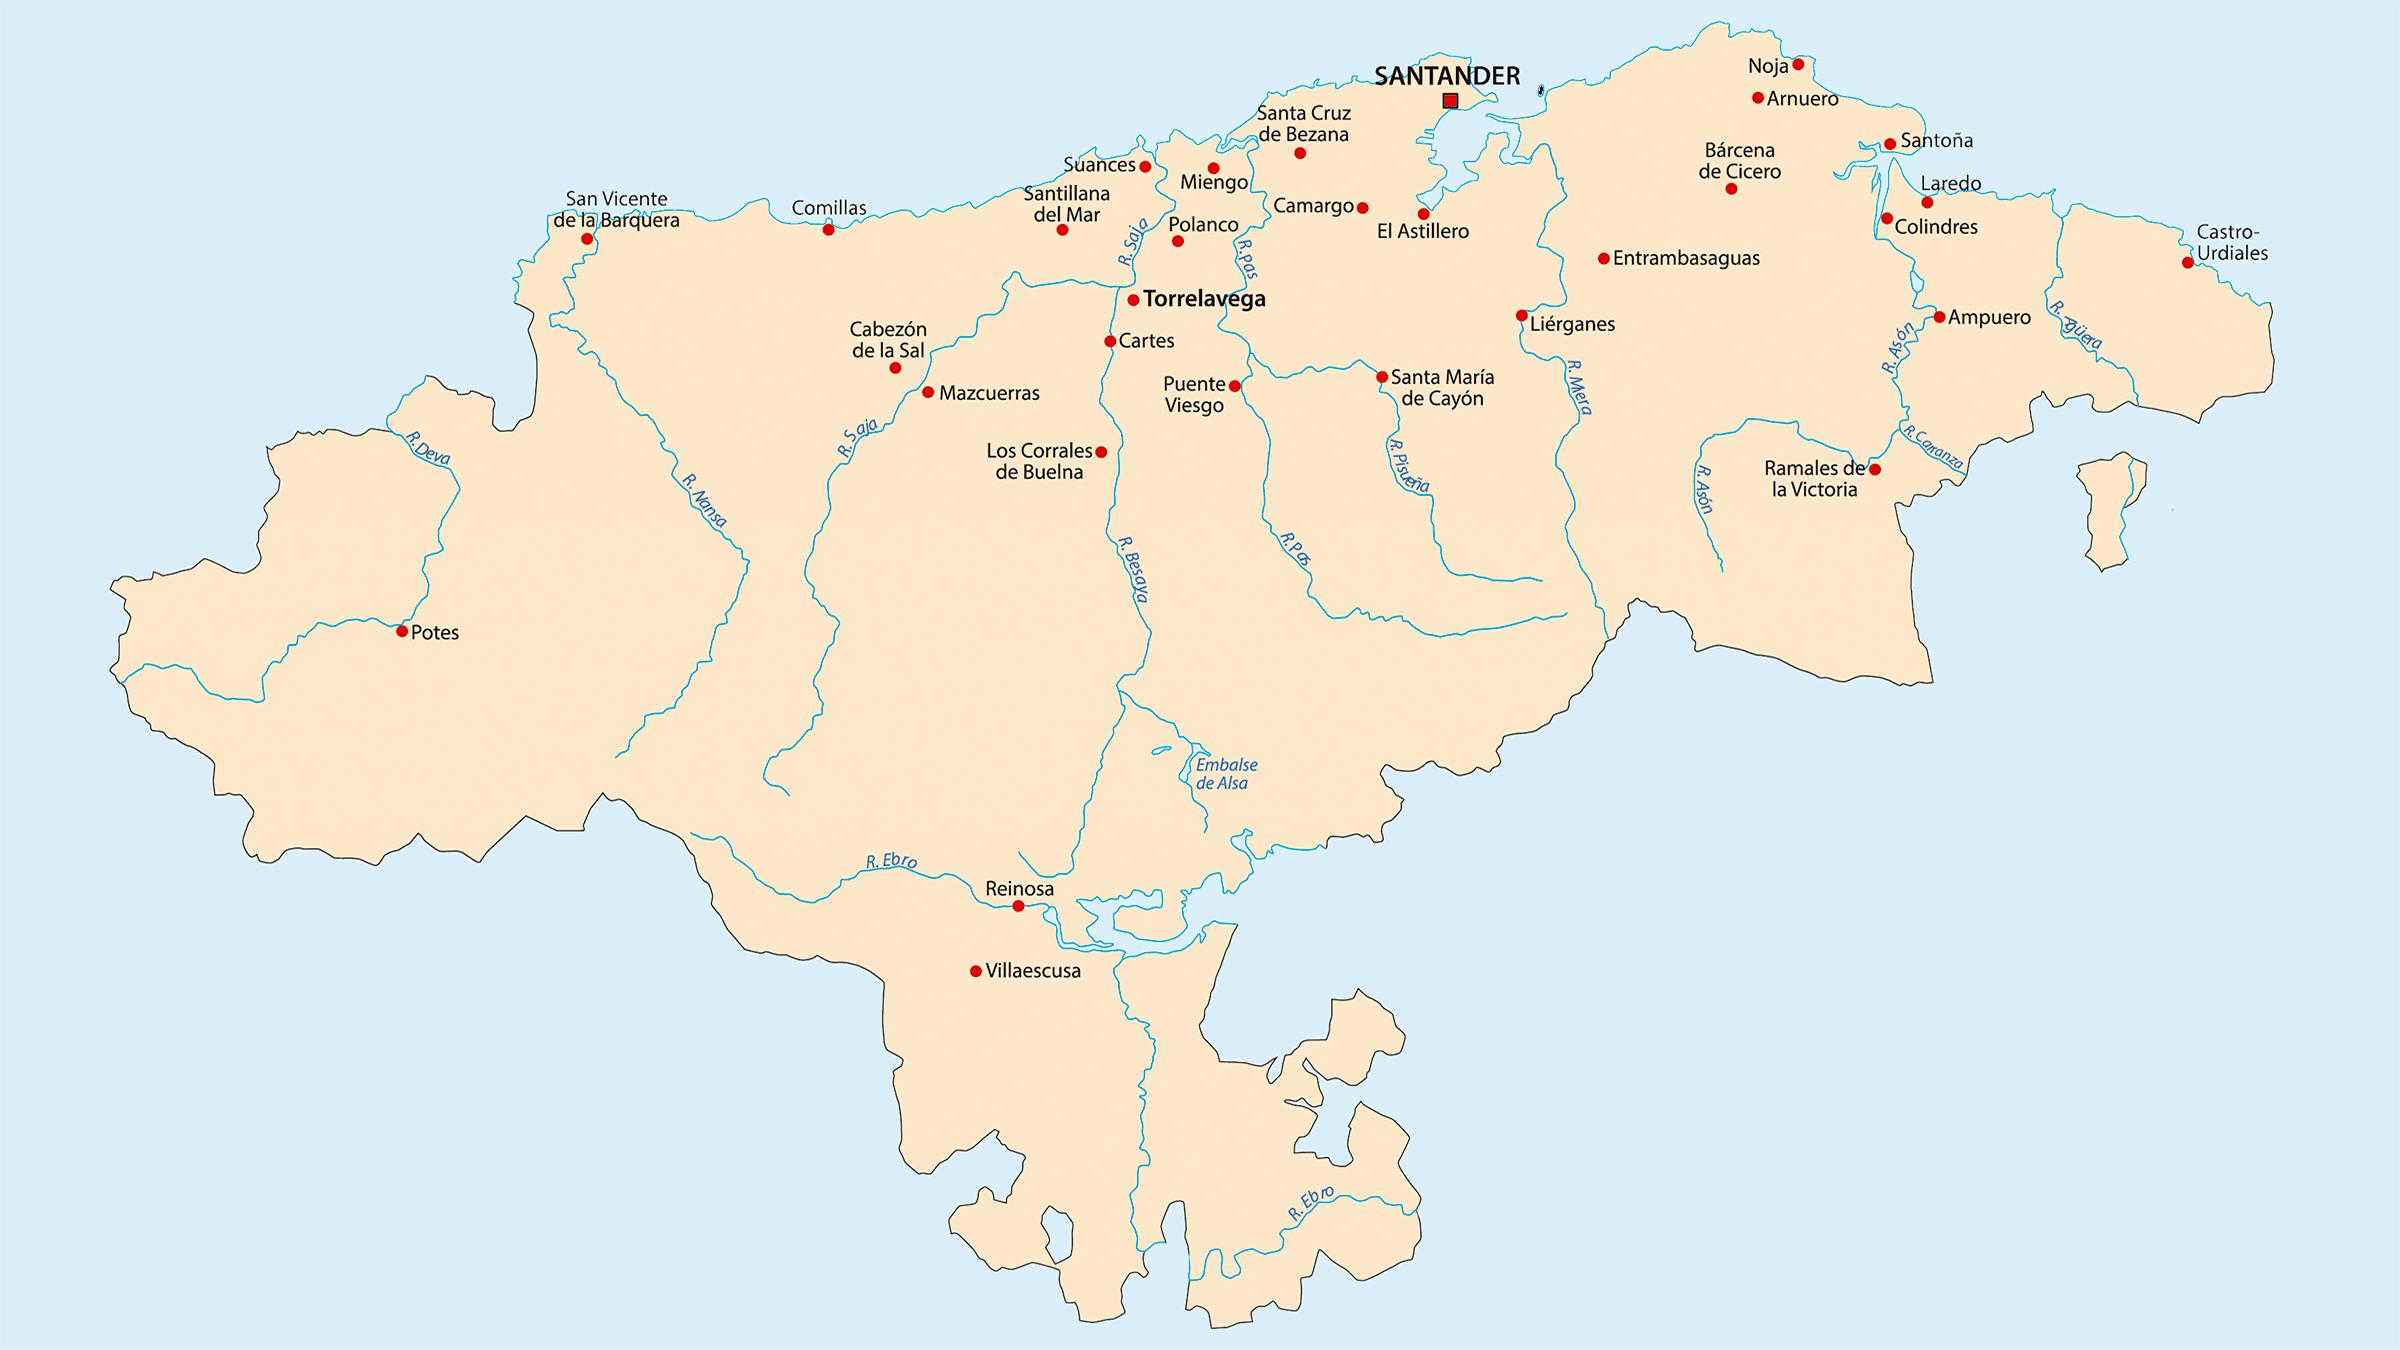 Mapa político de Cantabria